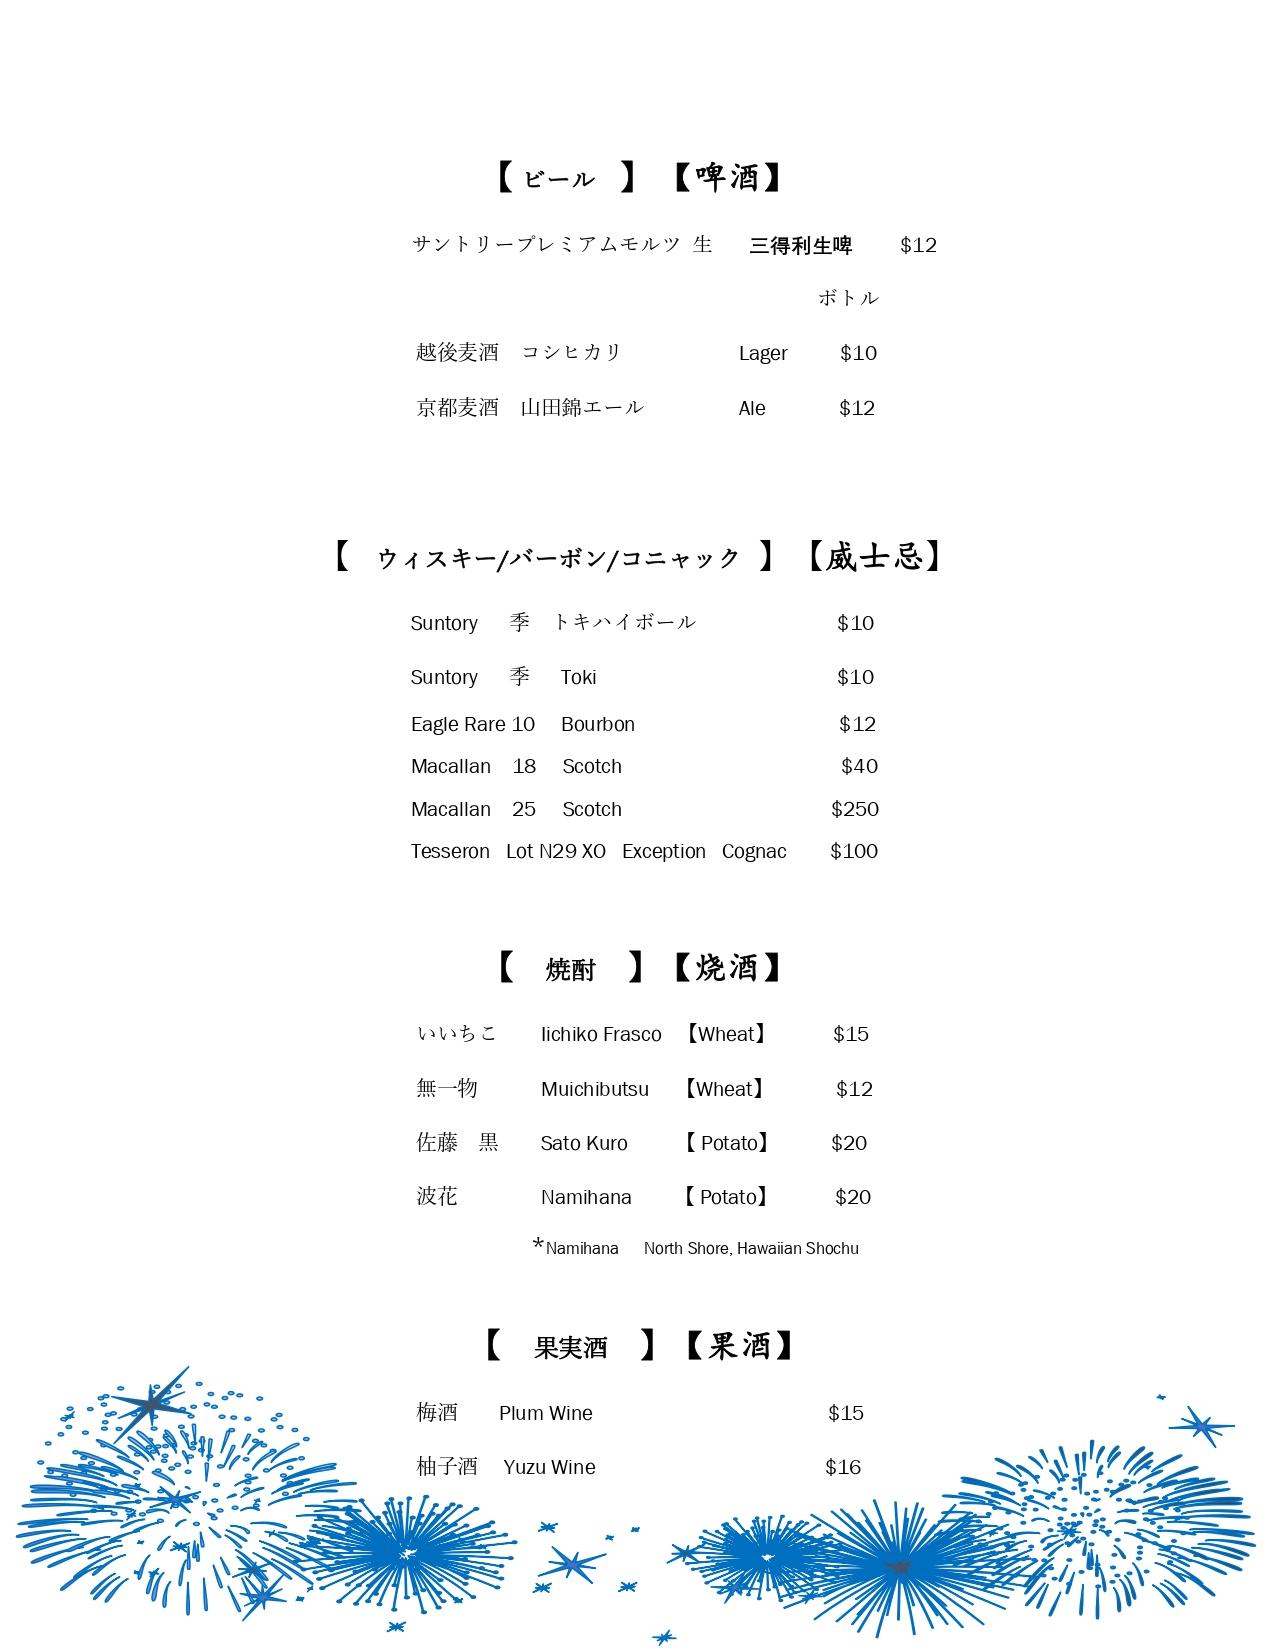 鉄板焼 [ハワイ店] ディナーメニュー4